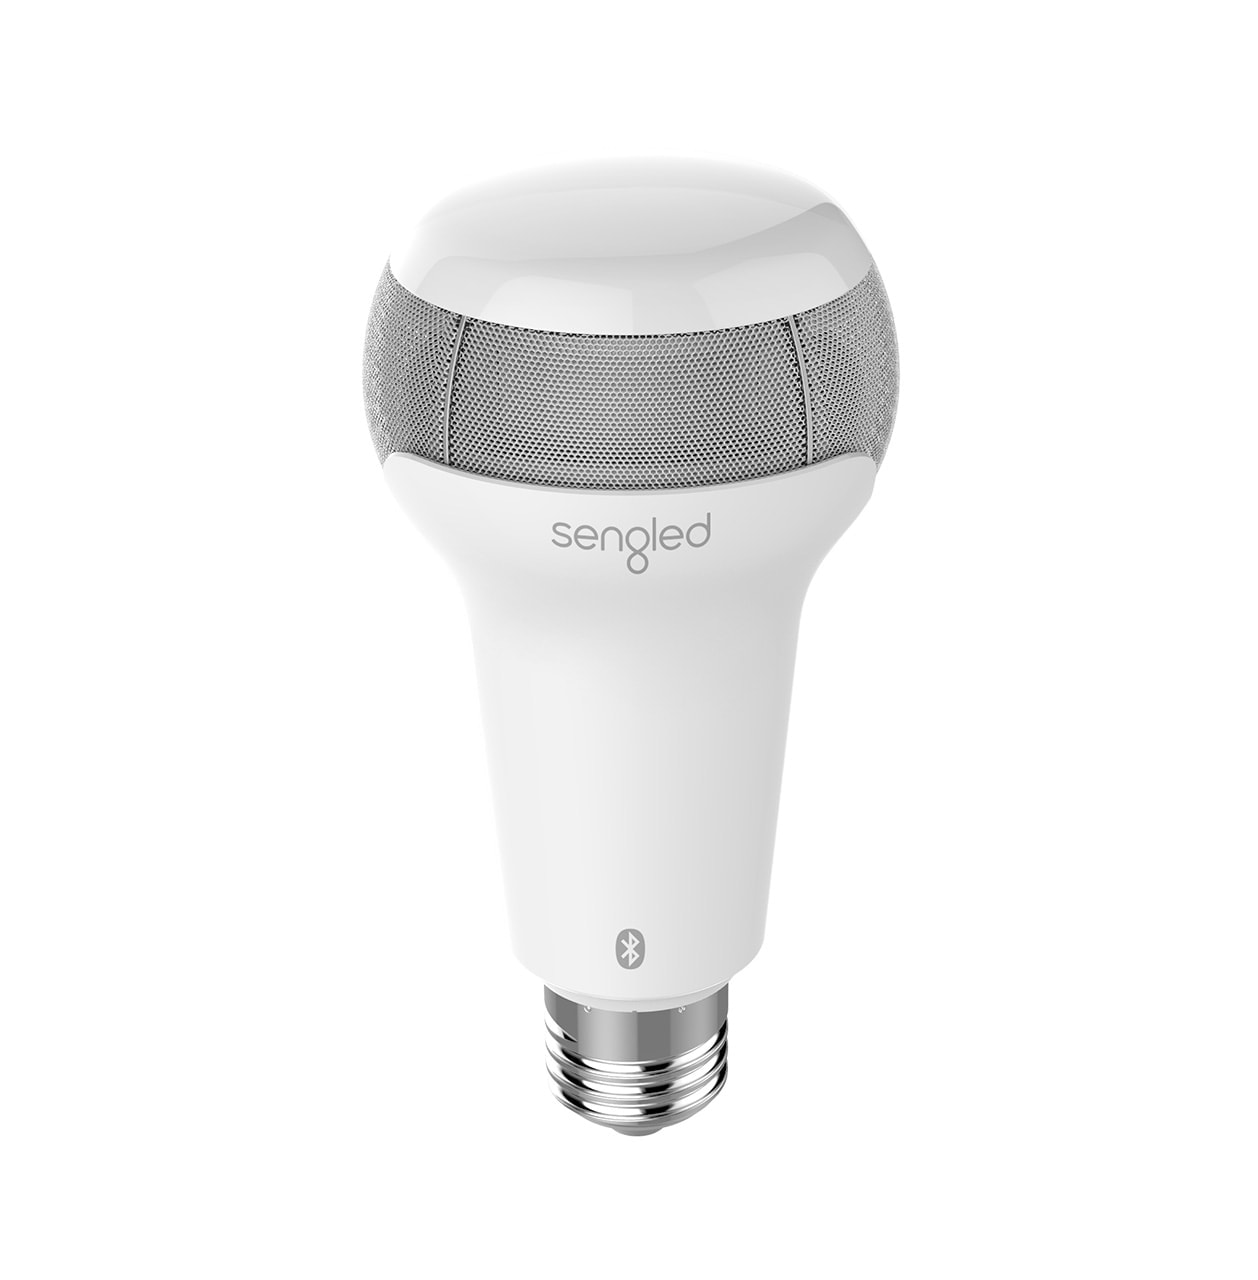 Sengled Pulse Solo / Ampoule LED E27-Enceinte JBL 6W BT (C01-A66EA-E27 **) - Achat / Vente Objets Connectés / Domotique sur Cybertek.fr - 0